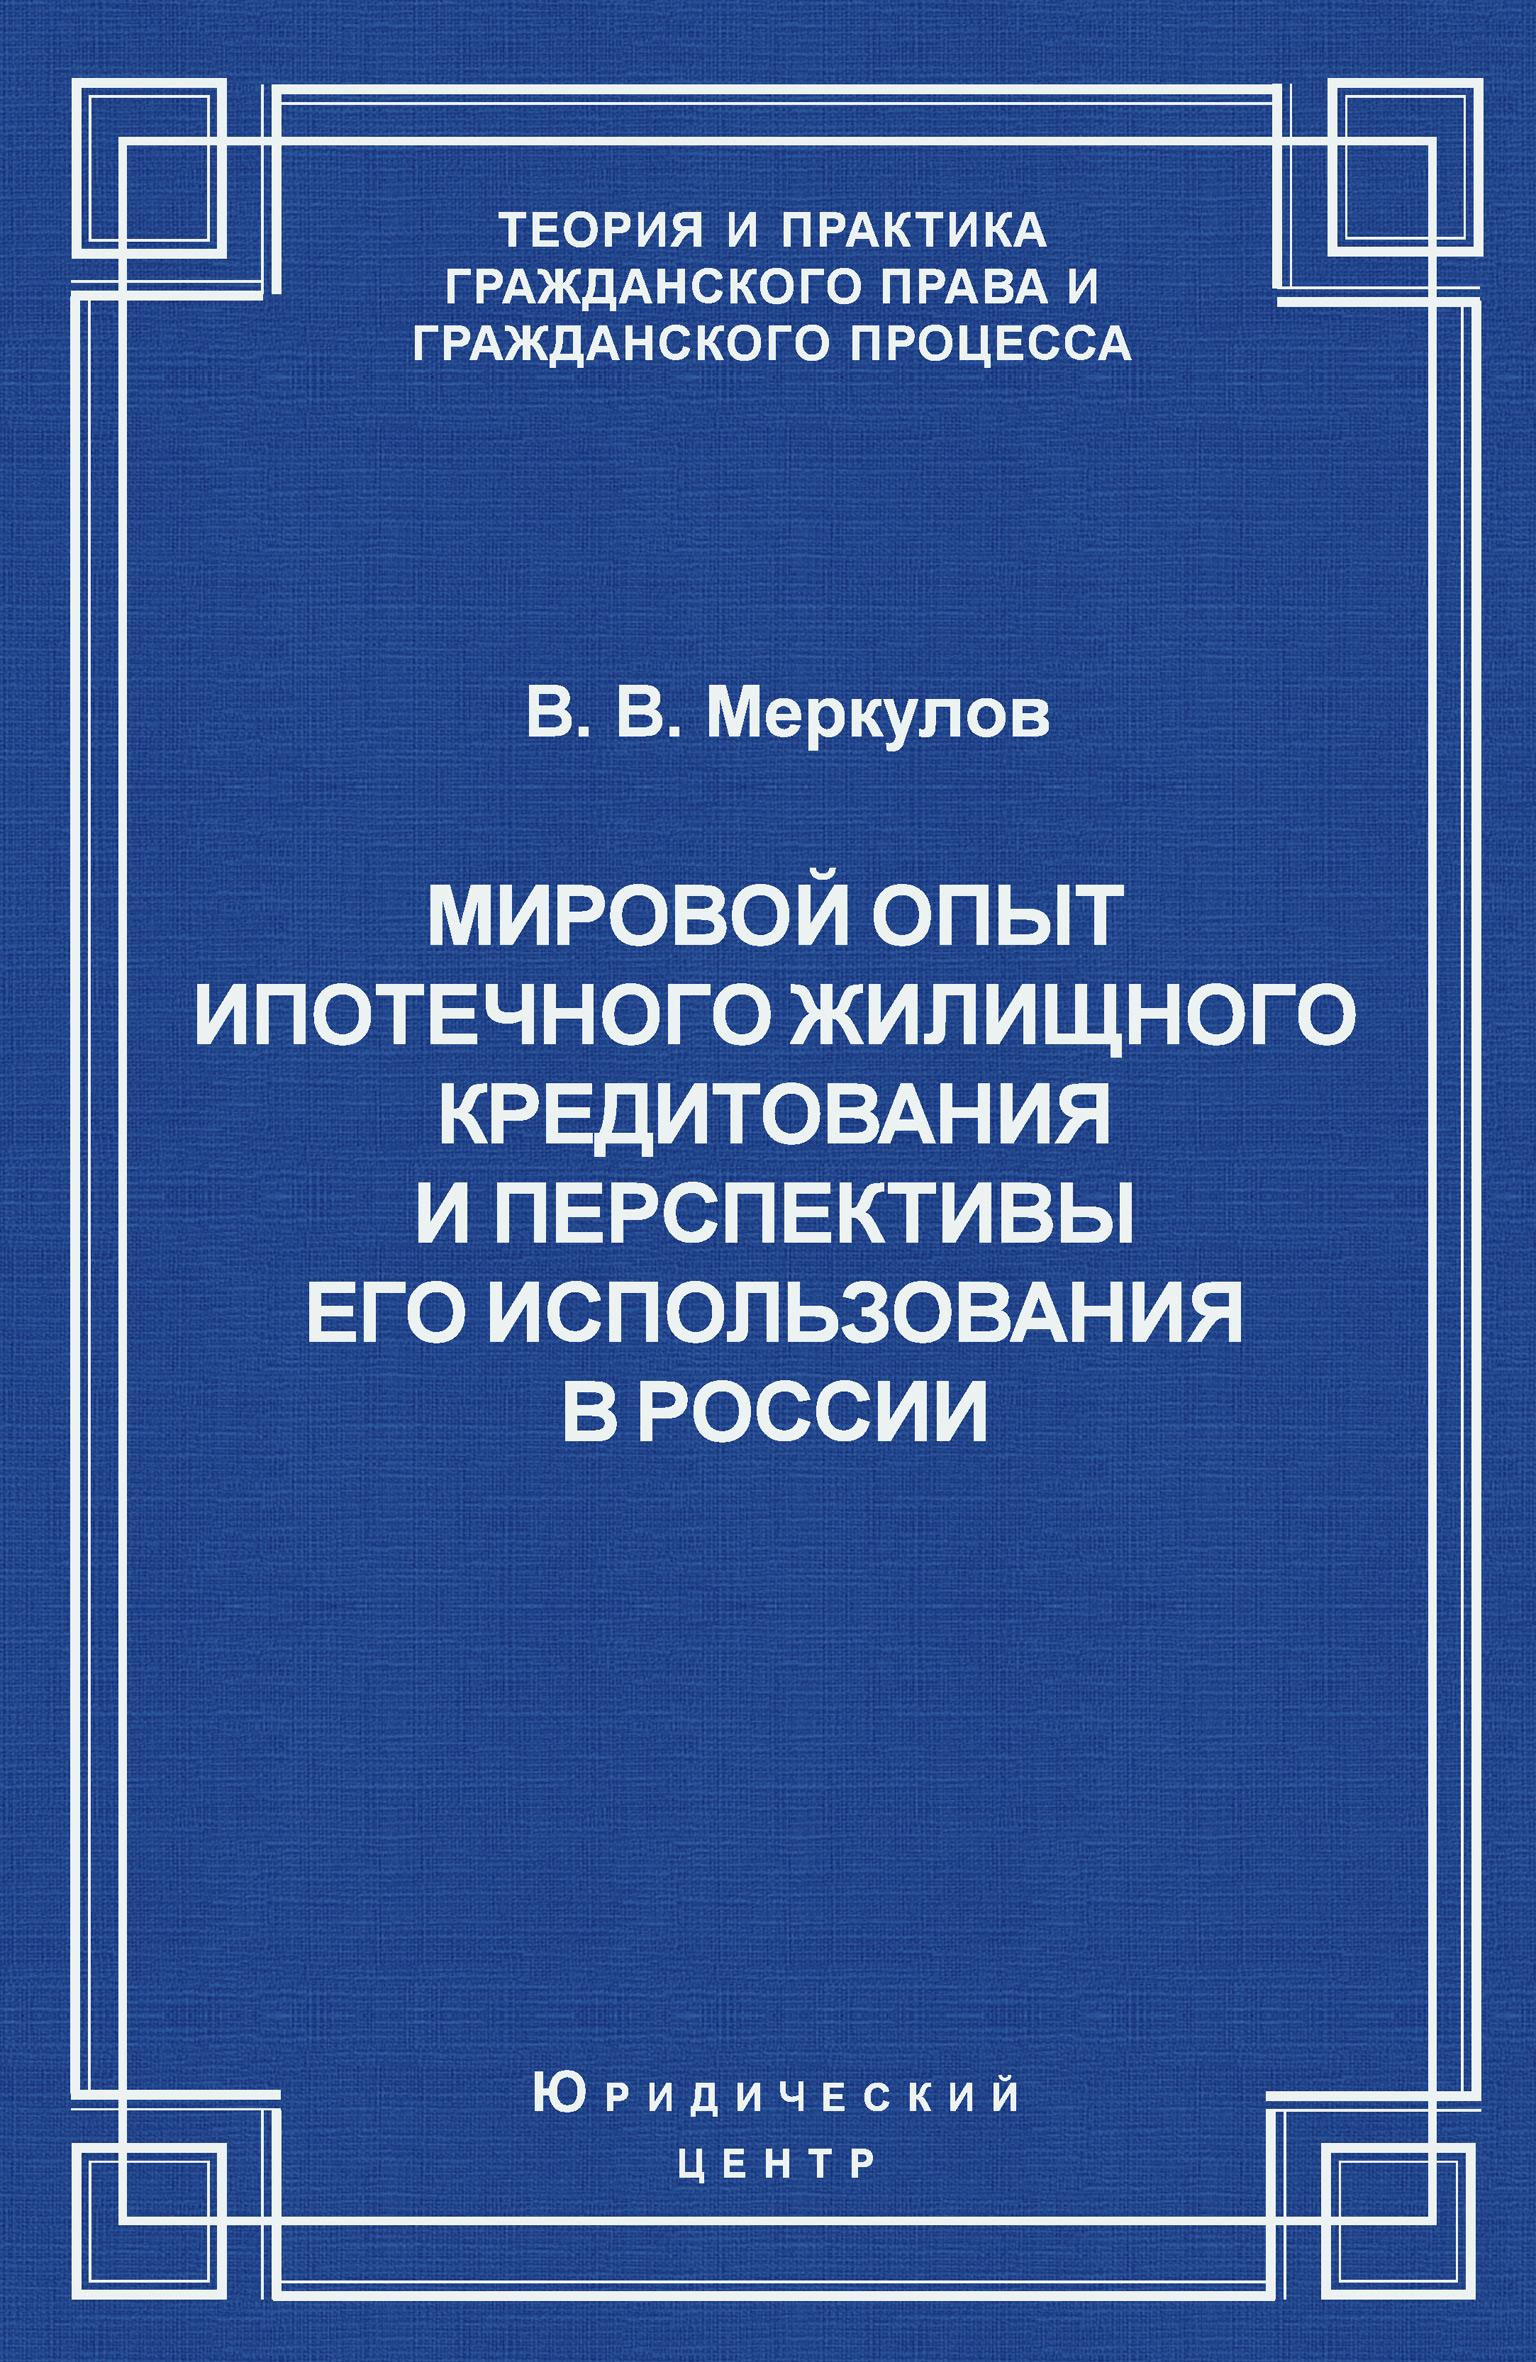 фото обложки издания Мировой опыт ипотечного жилищного кредитования и перспективы его использования в России